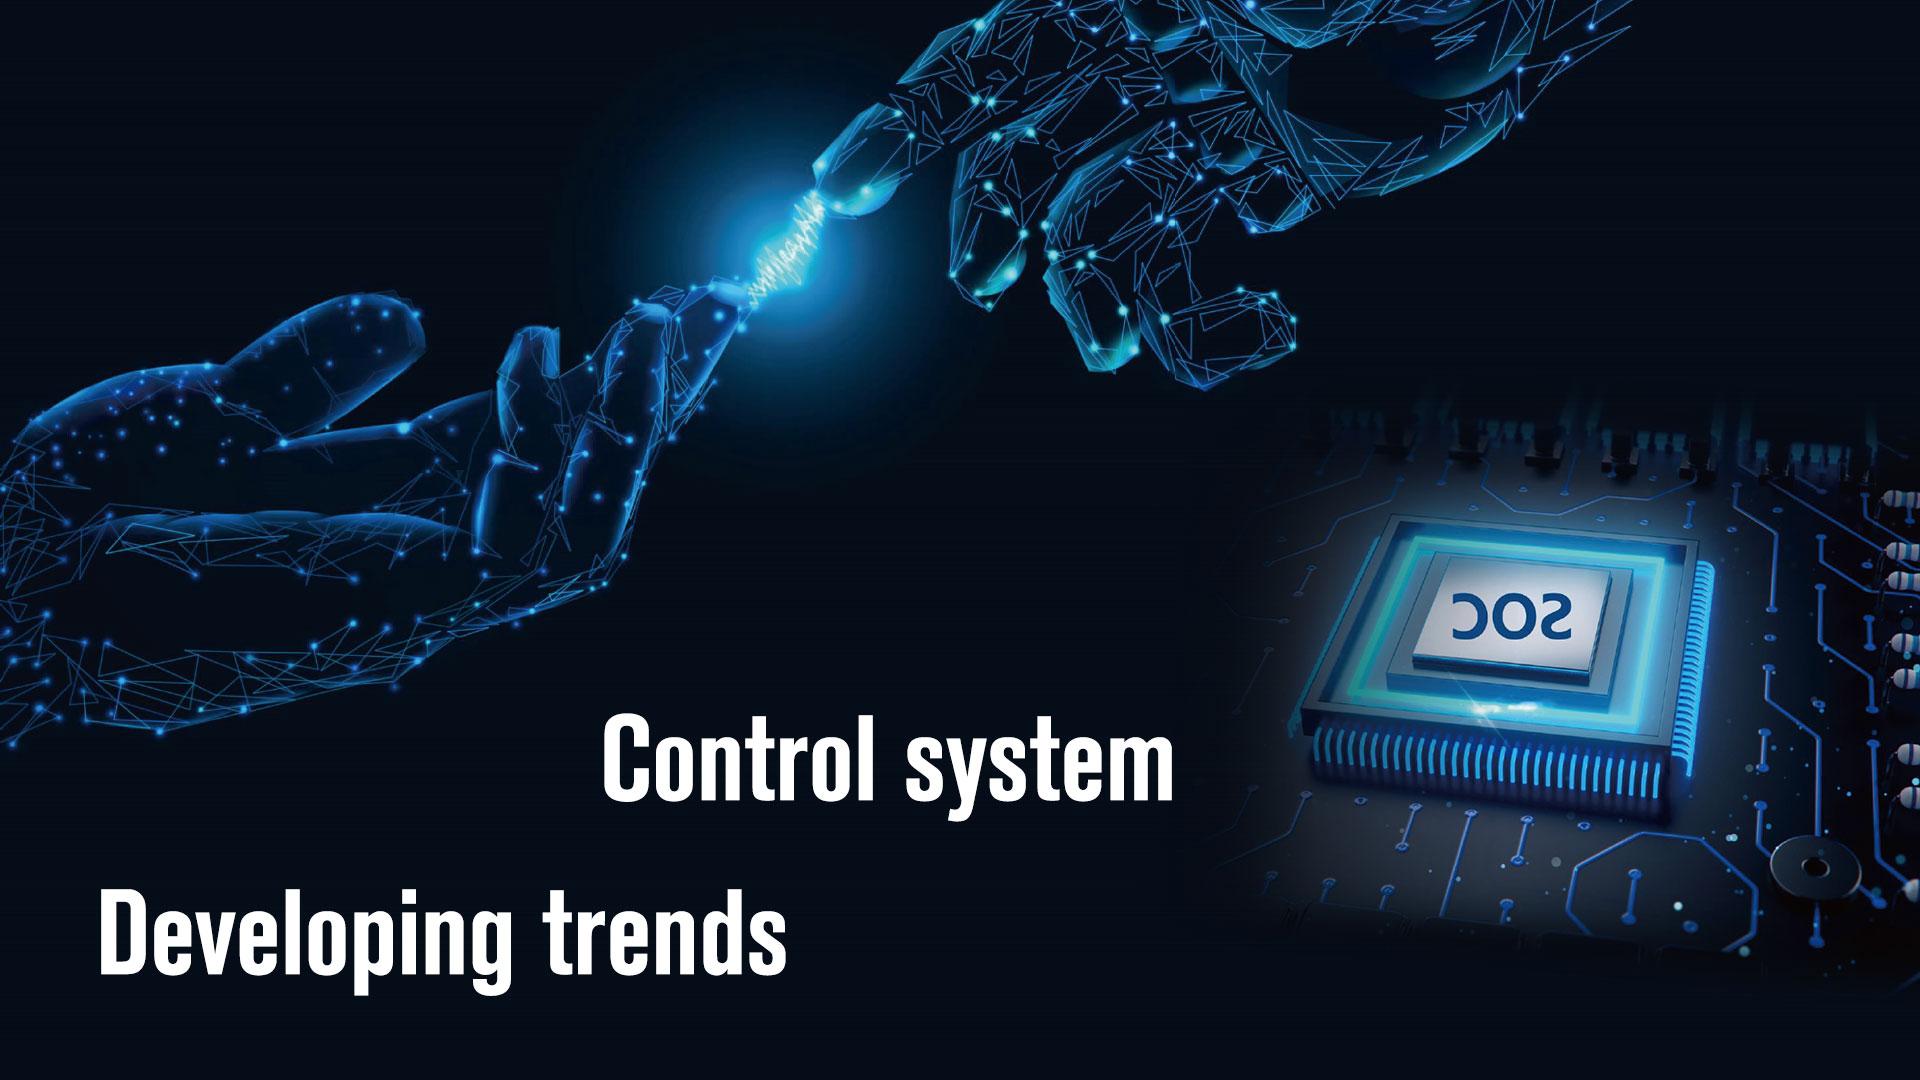 Büyük led ekran kontrol sistemi - görüntülenen tedarikçi